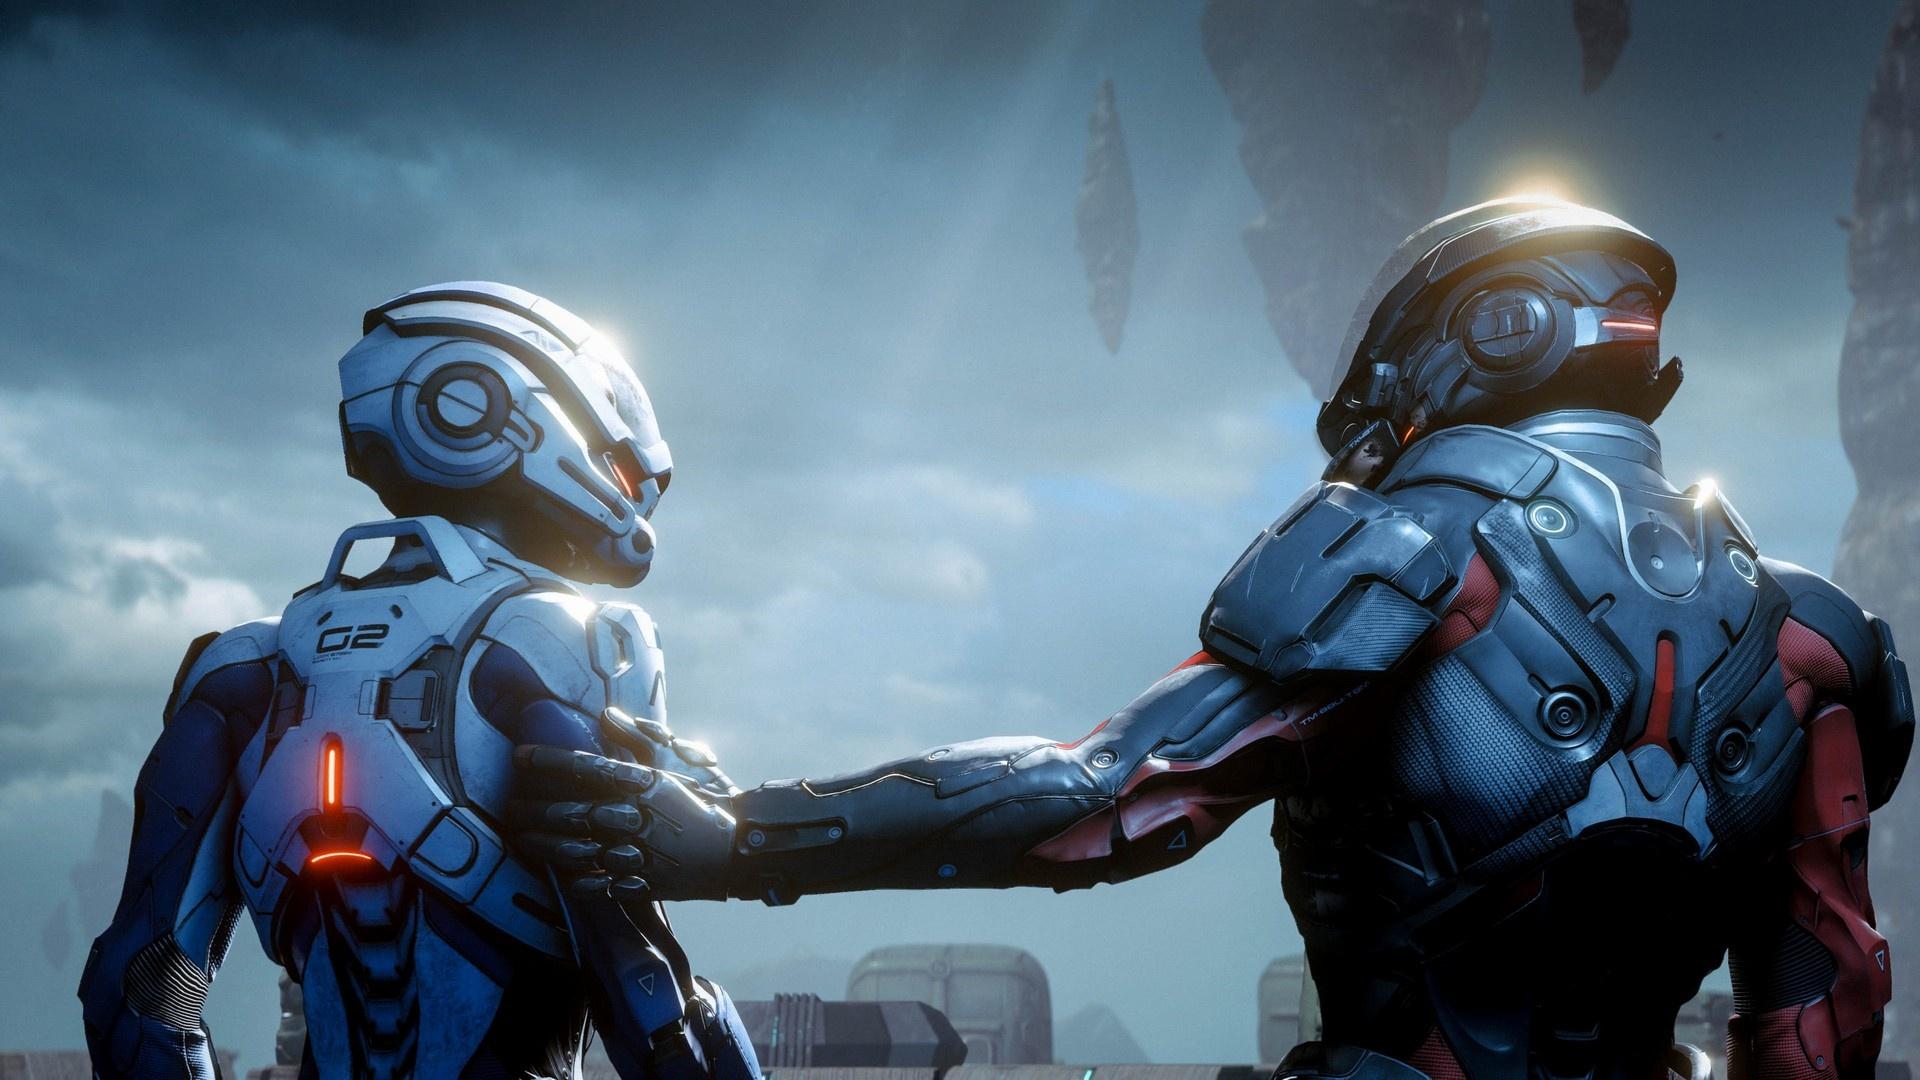 Бывший глава BioWare рассказал о проблемах Frostbite, сравнив его с болидом Формулы-1